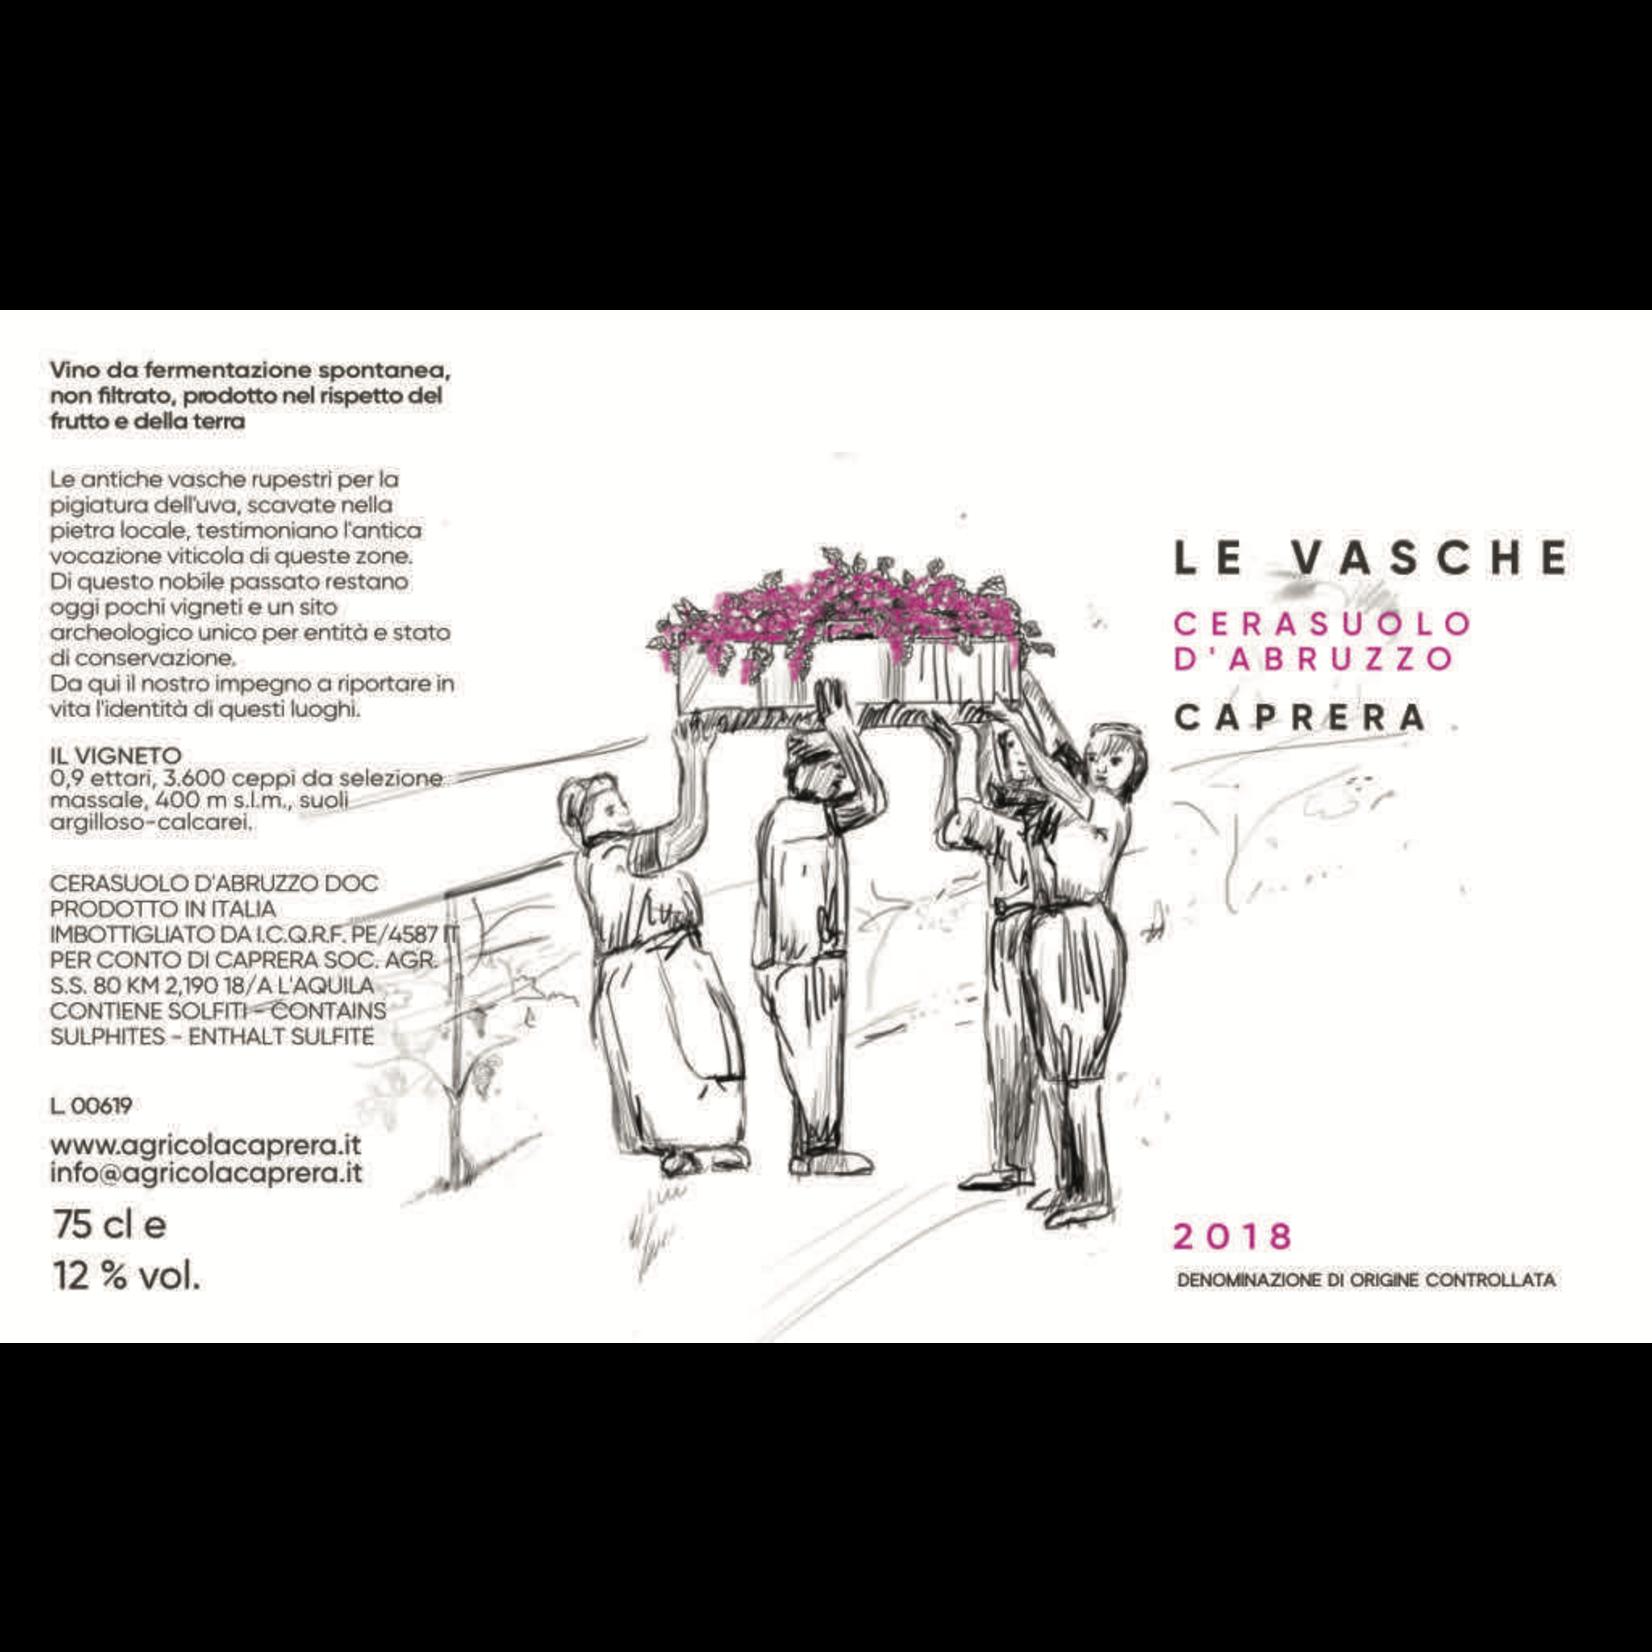 Wine Caprera Le Vasche Cerasuolo d'Abruzzo 2019